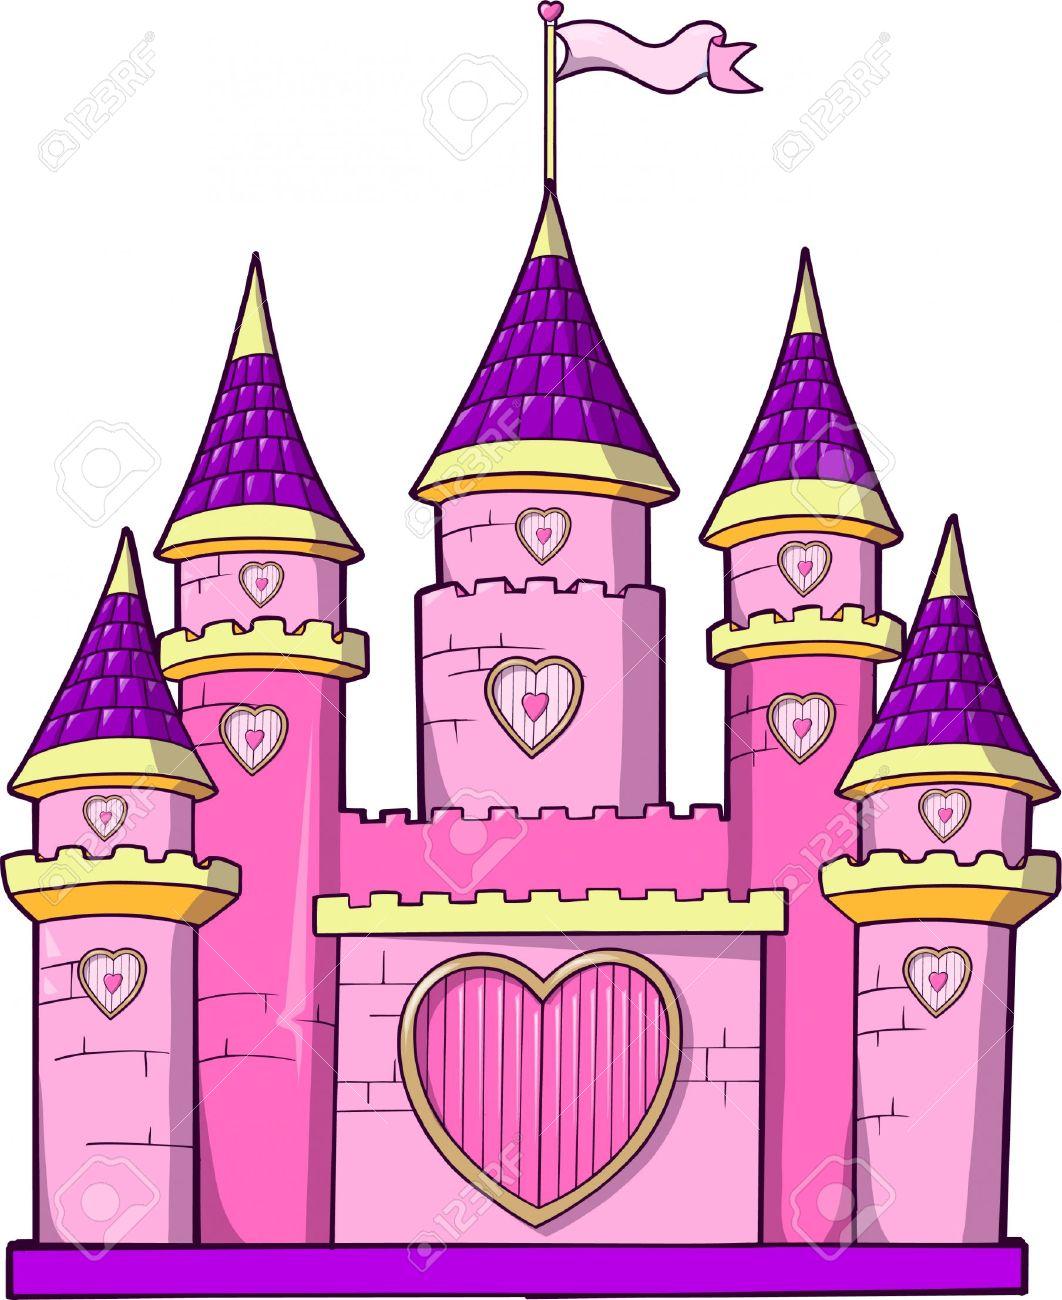 Structure clipart fairytale castle  Princess Search castle pictures